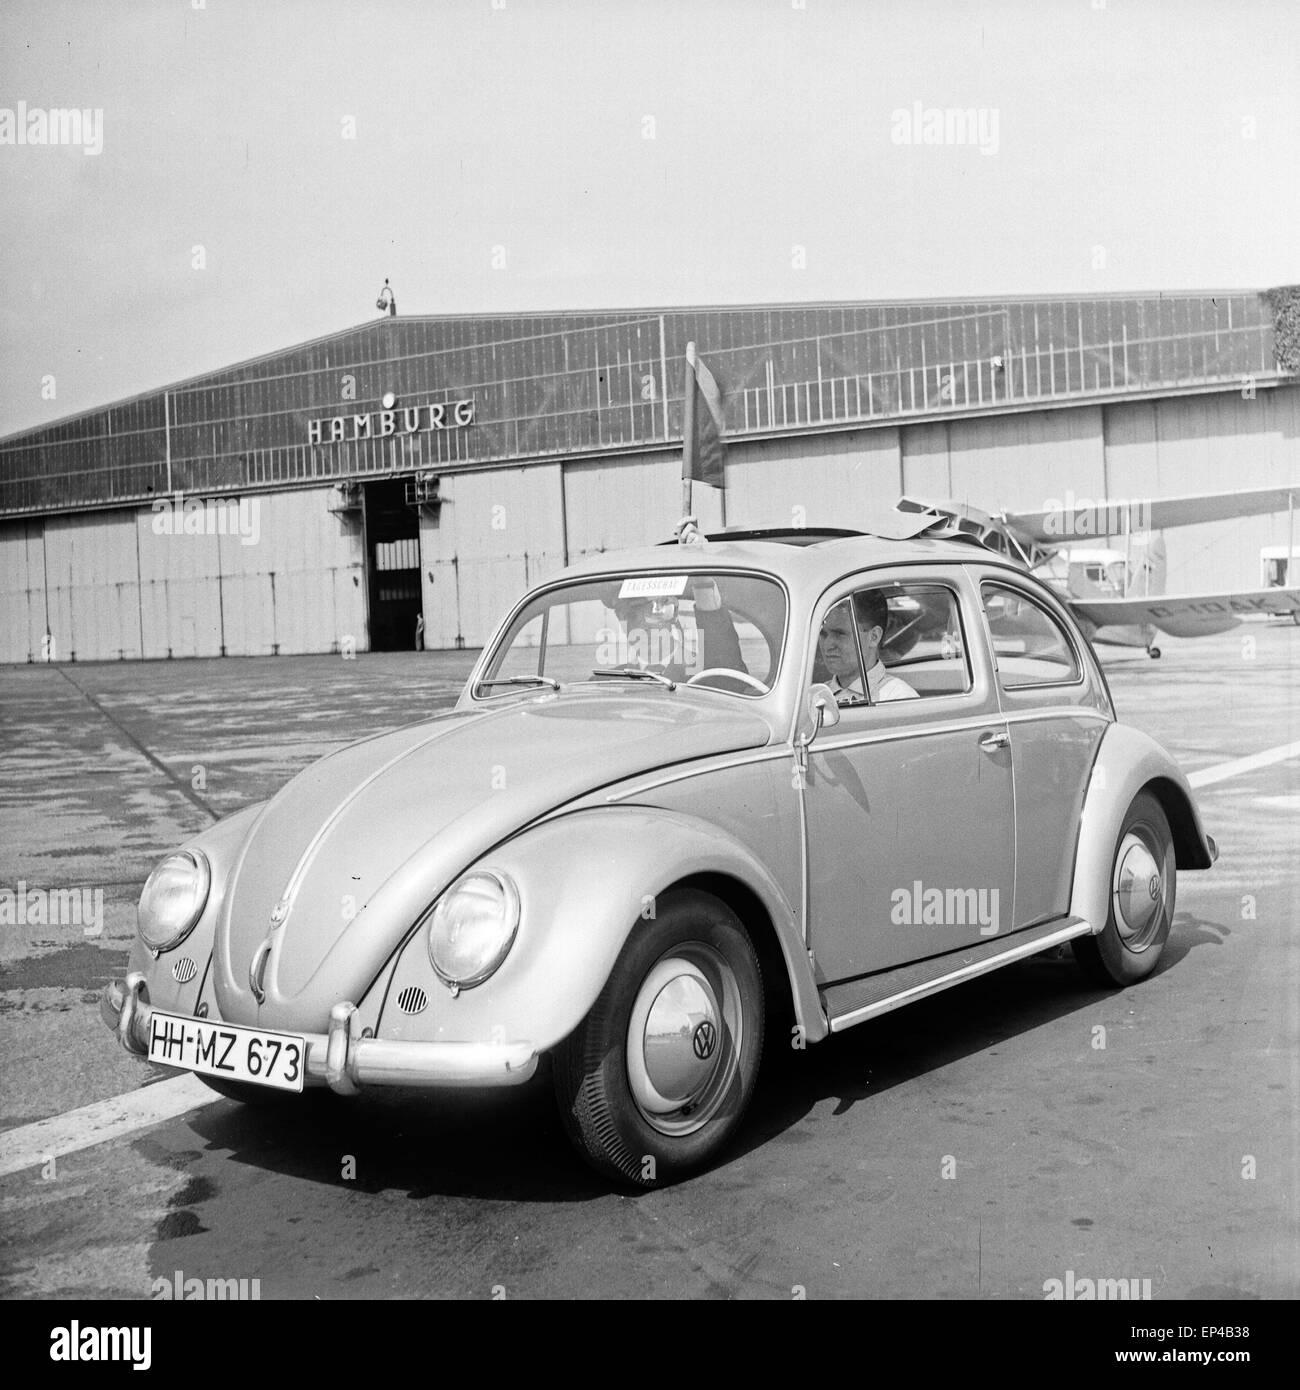 Ein VW Käfer als Sonderfahrzeug auf dem Flugfeld am Flughafen Hamburg, Deutschland 1950er Jahre. A Volkswagen - Stock Image